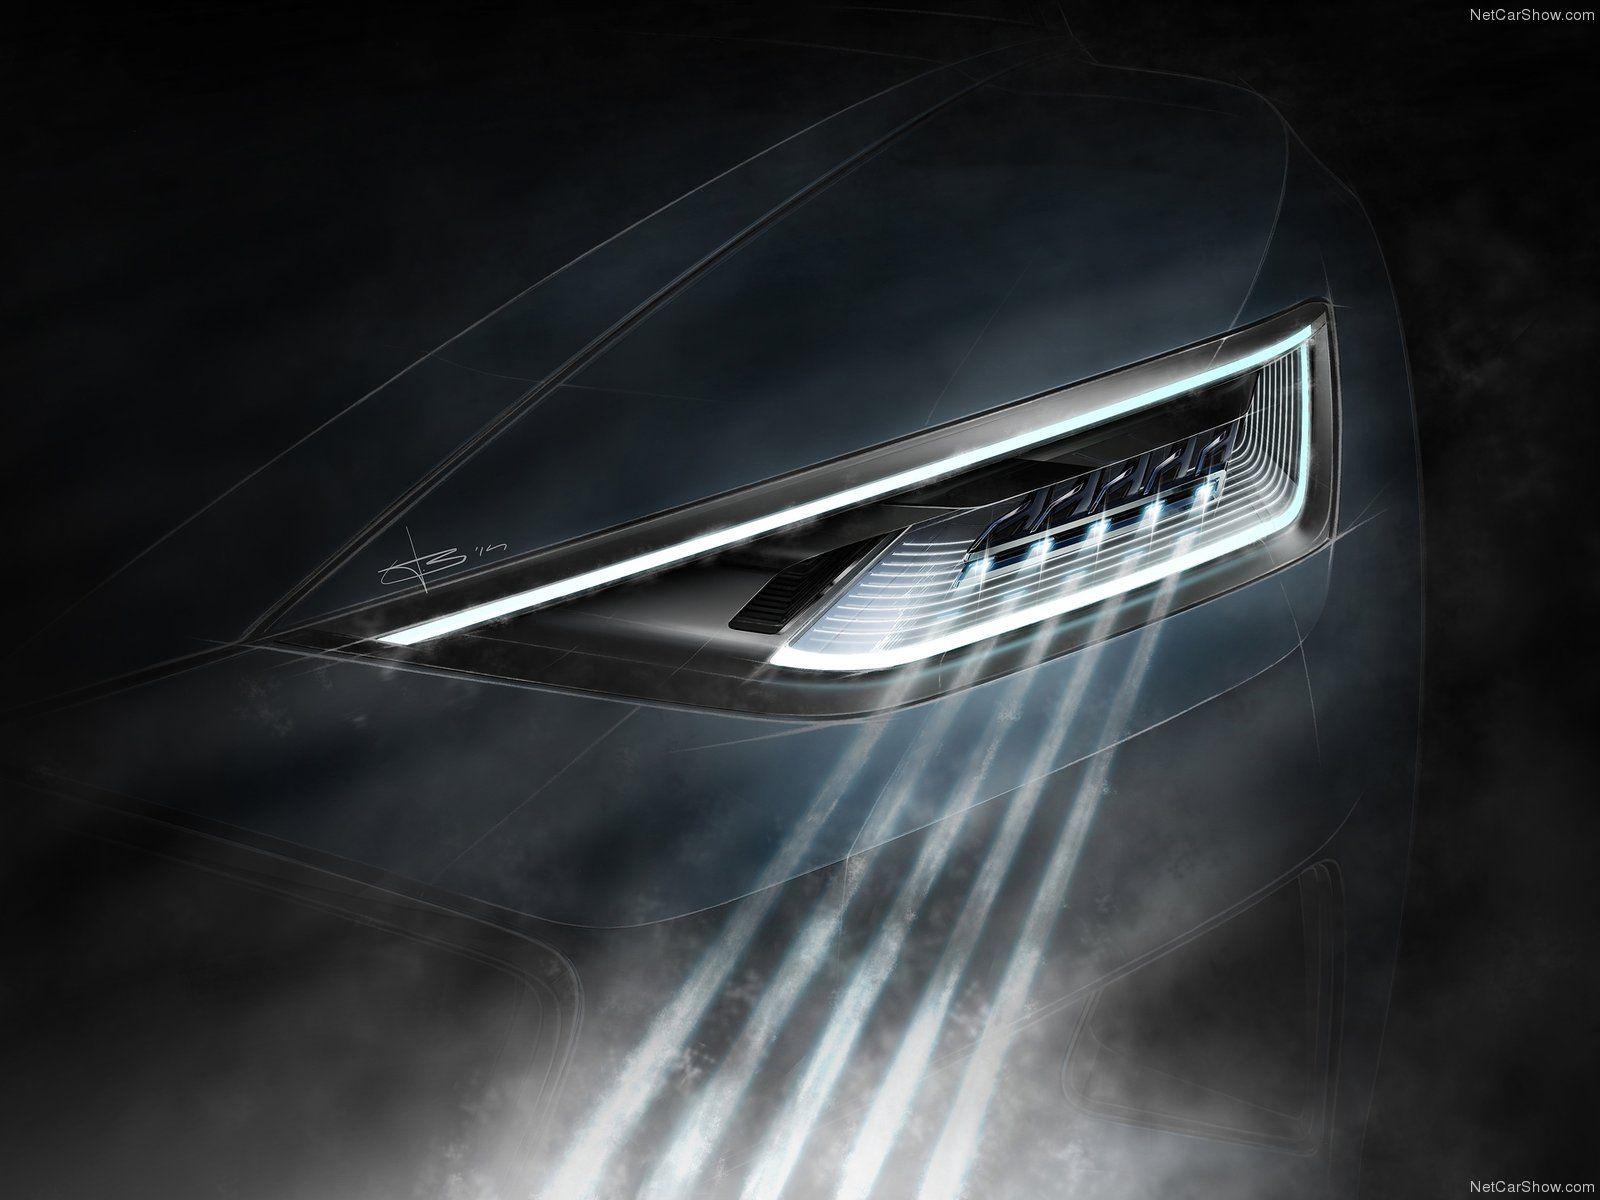 アウディ新型R8、ヘッドライトを公開 Audi ゠ャラリー